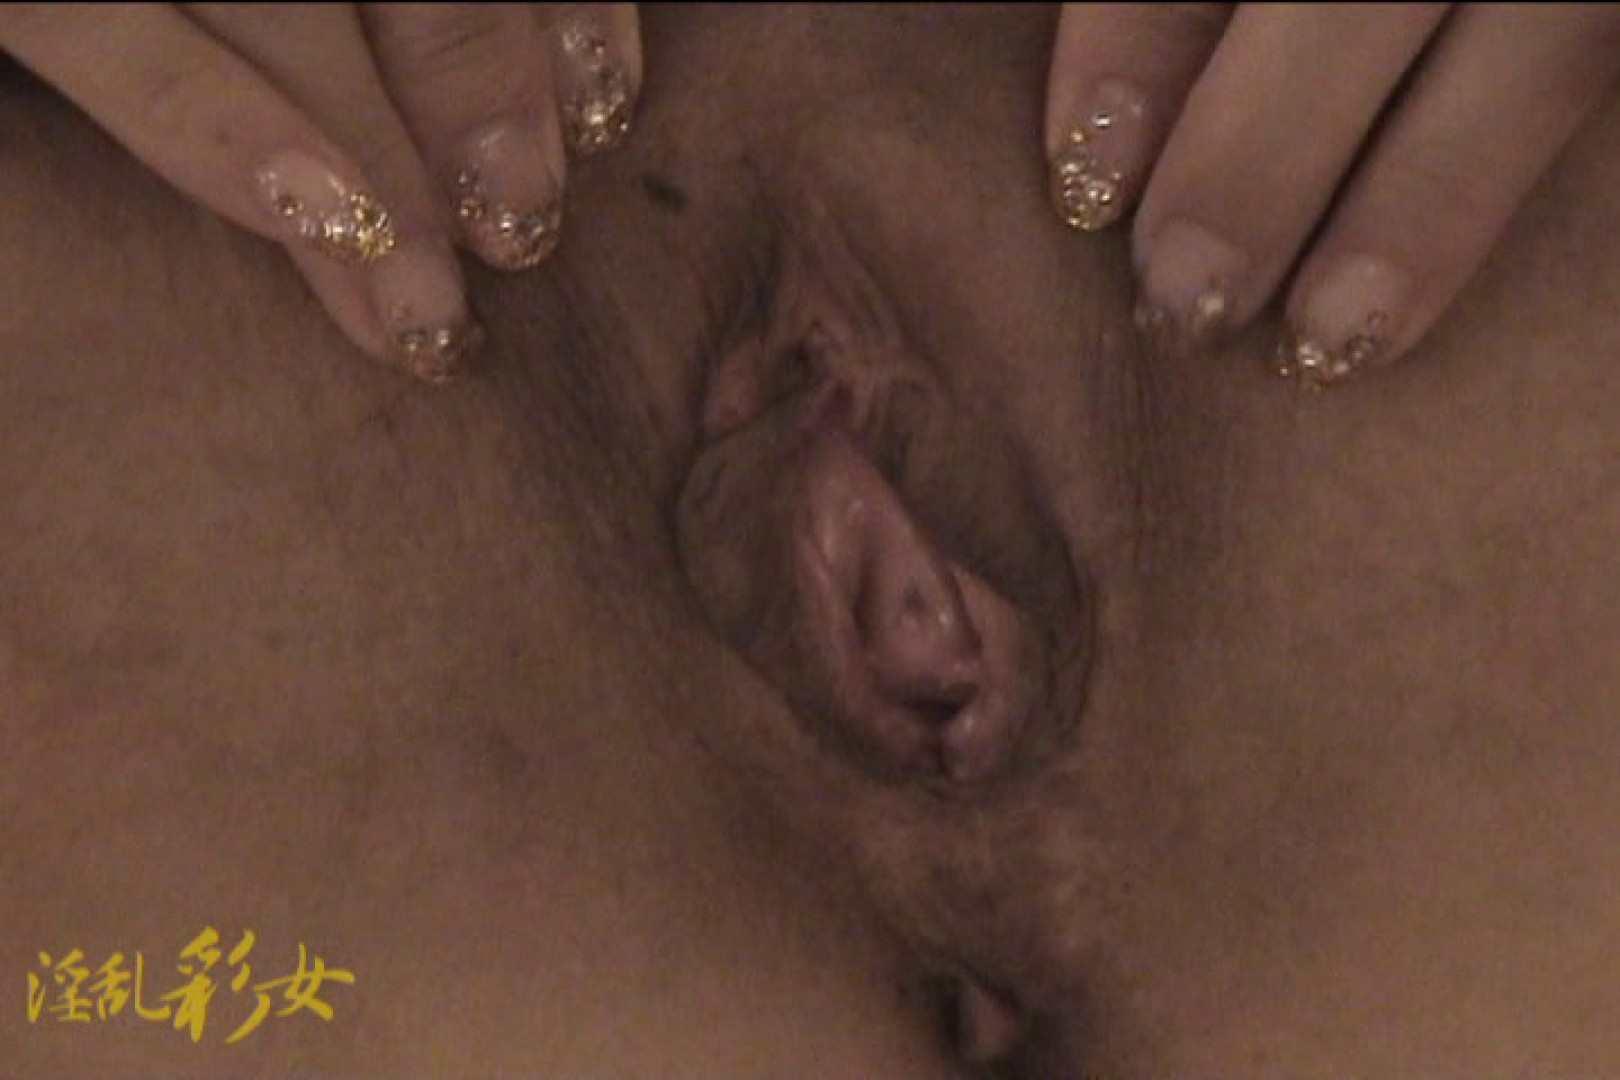 淫乱彩女 麻優里 オムニバスそして顔射 一般投稿  106pic 32